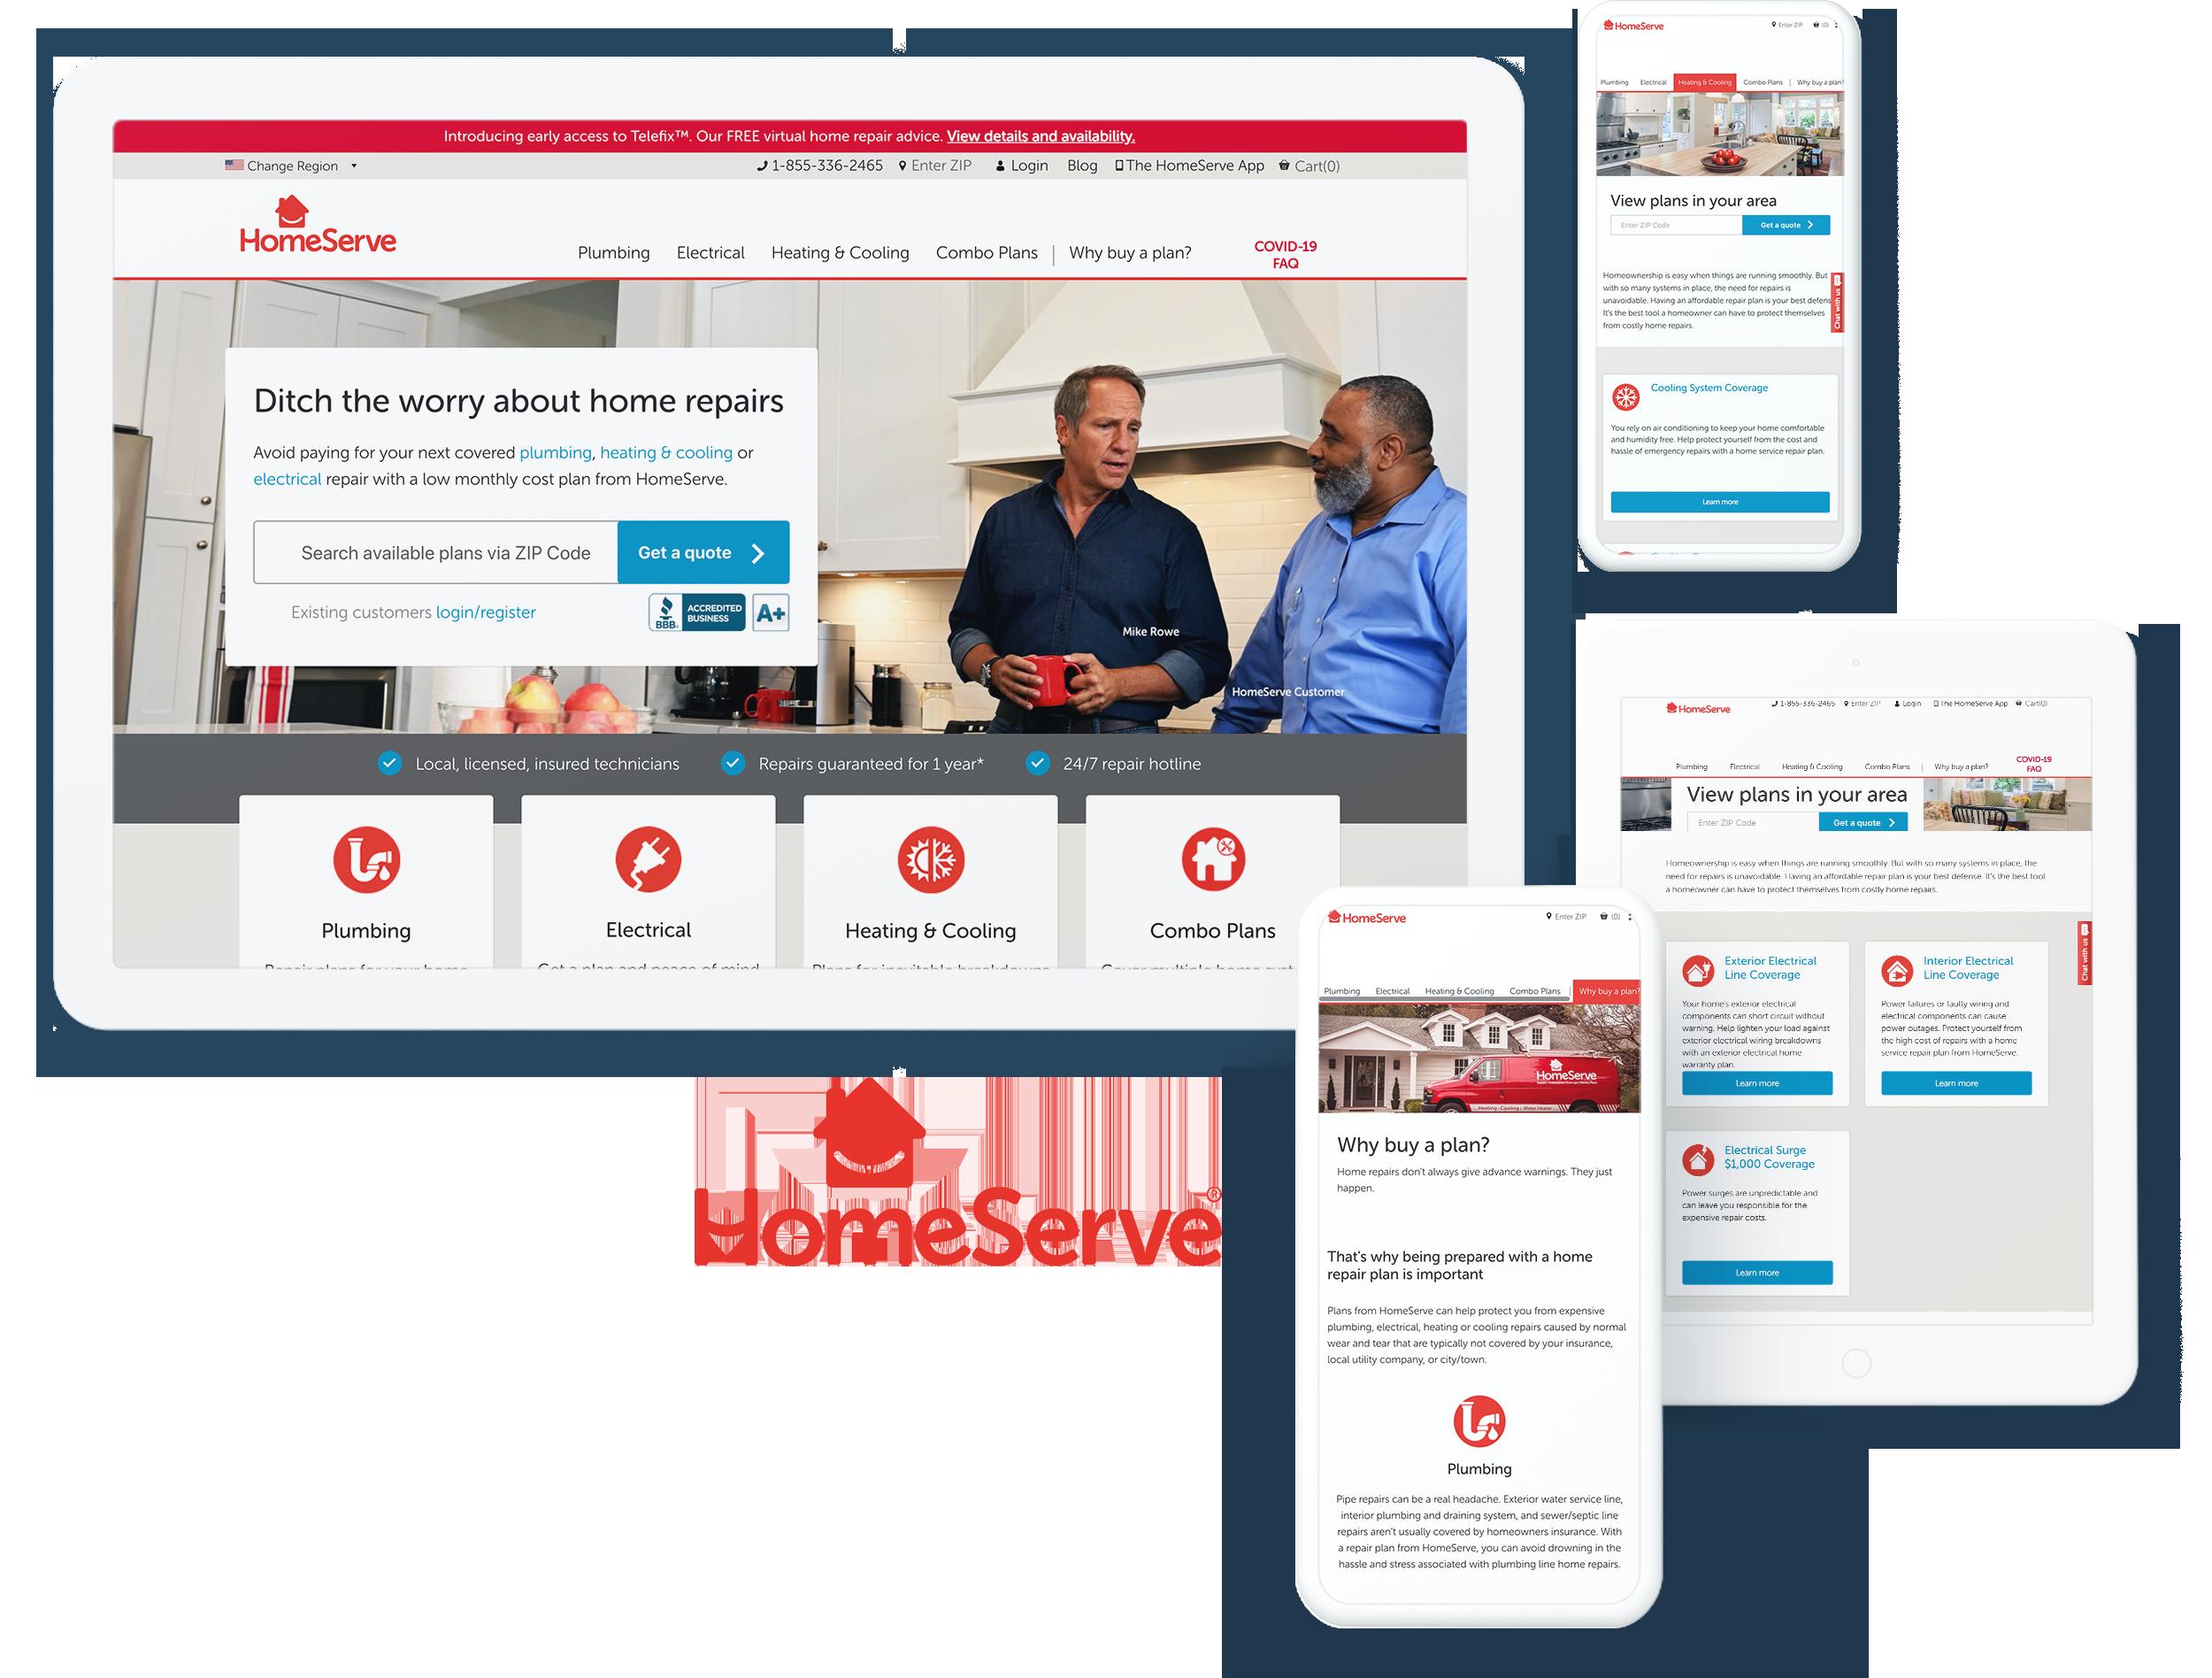 HomeServe_Spotlight